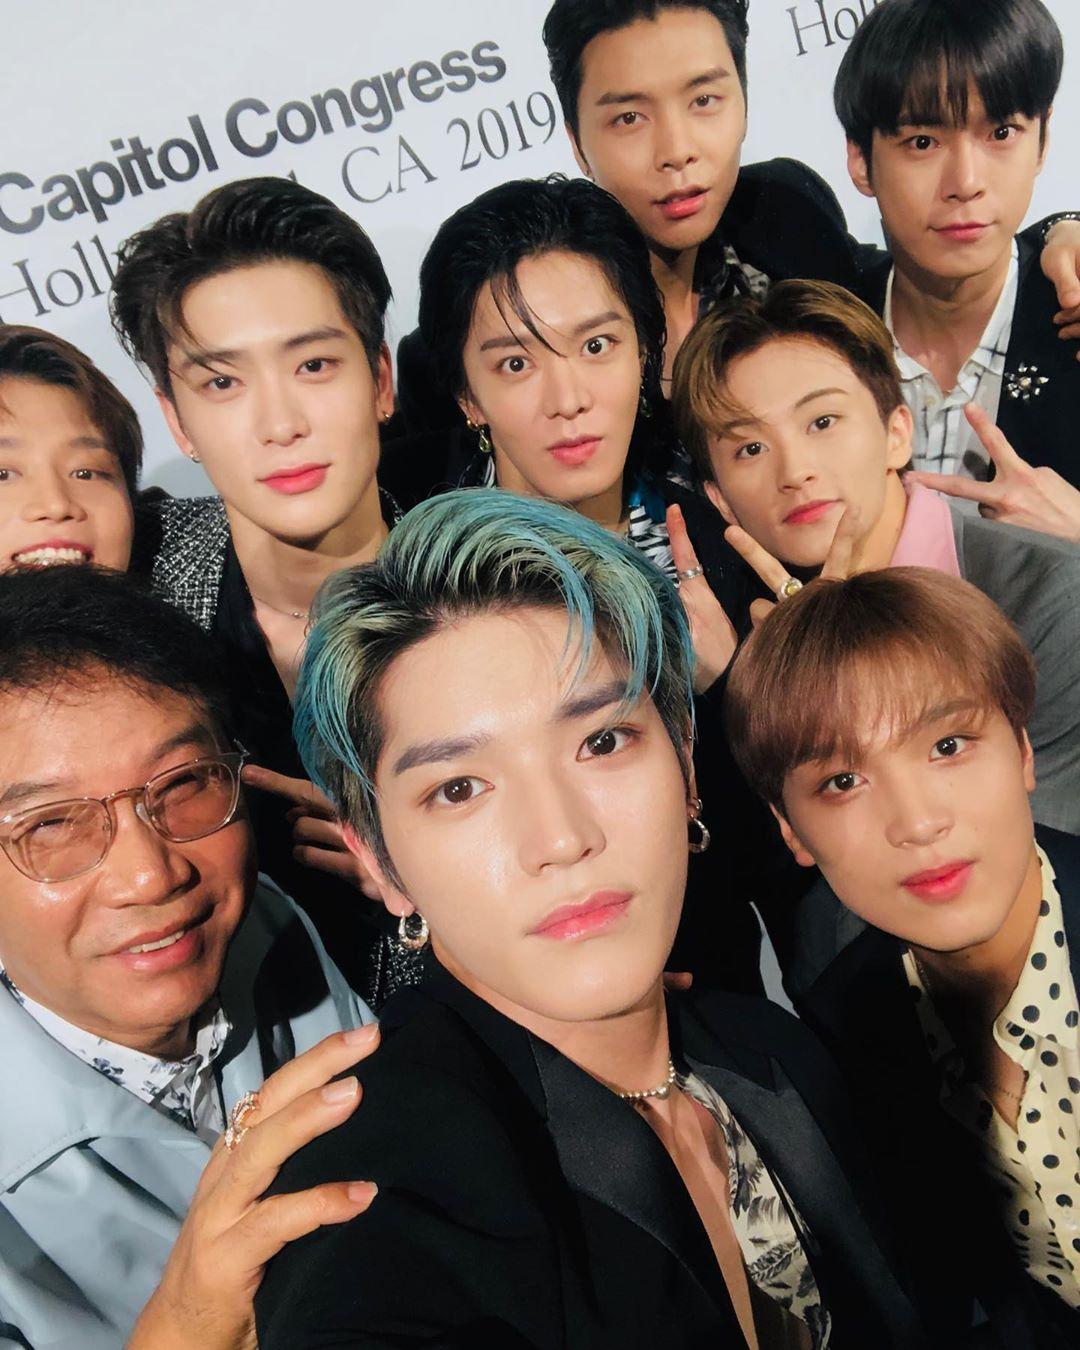 """[NCT][新闻]190808 NCT 127,出席""""Capitol Congress 2019""""的""""最热门的K-POP组合"""""""